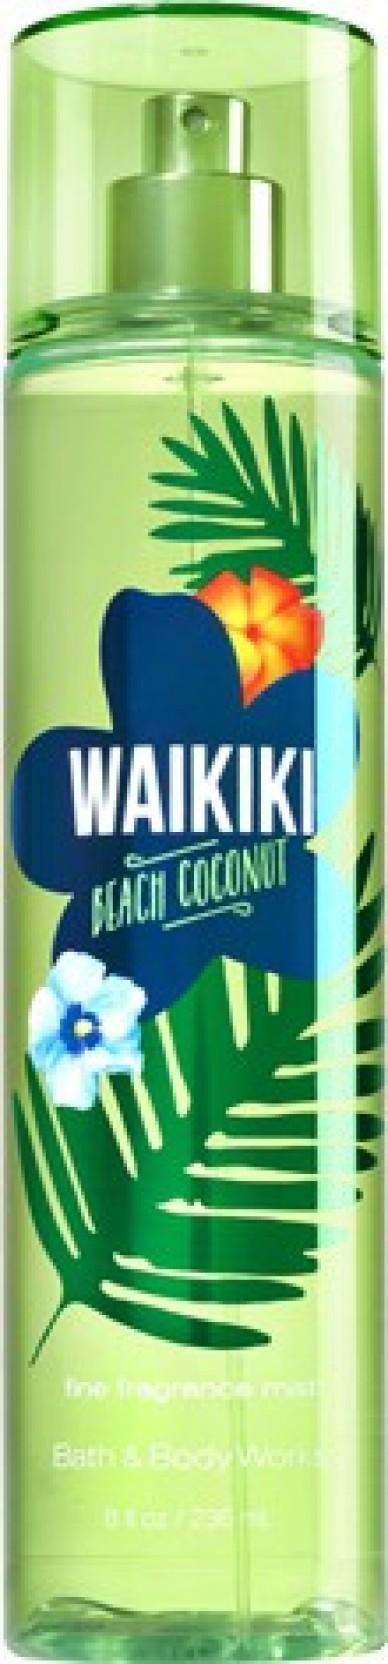 Bath Body Works Waikiki Beach Coconut Body Mist For Men